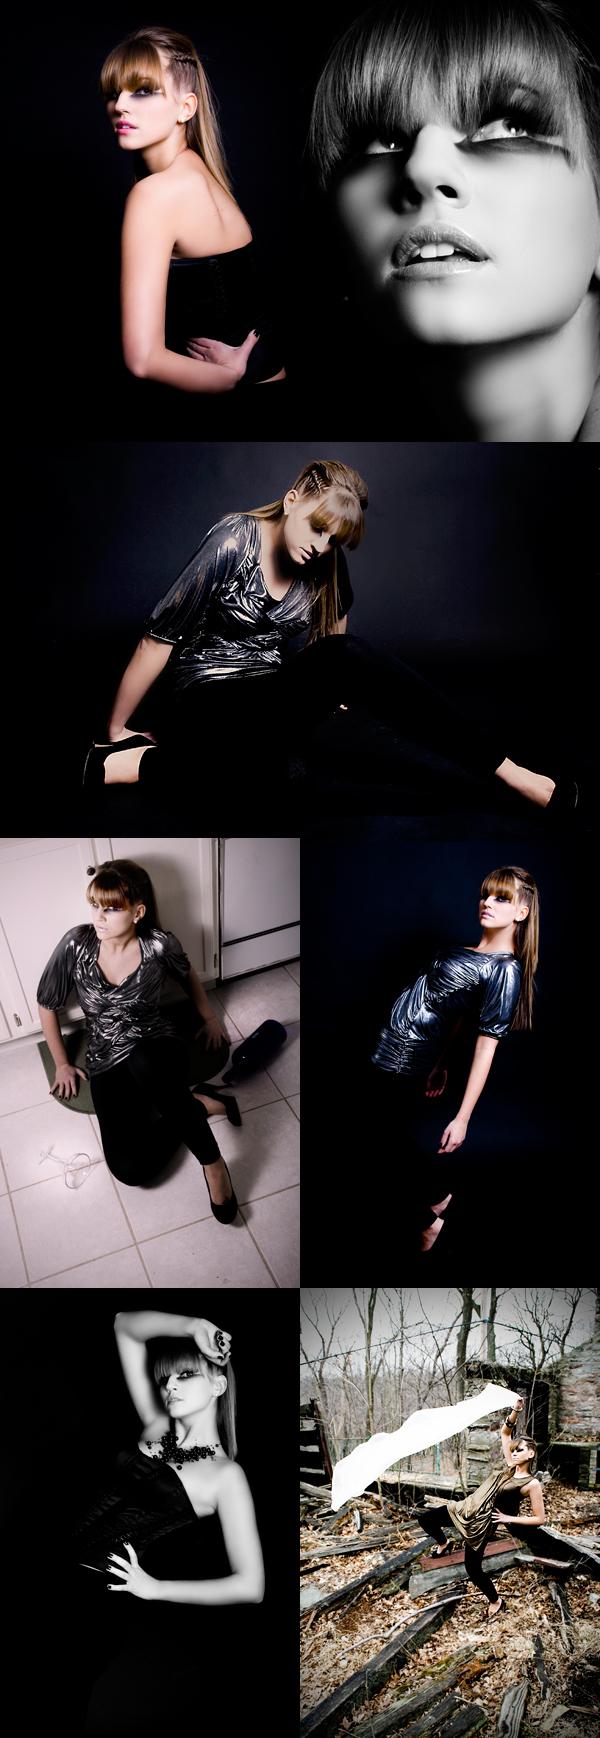 Female model photo shoot of Caitlin Thomas and Lenka Lukacova in Studio - Park, makeup by Molly McMenamin